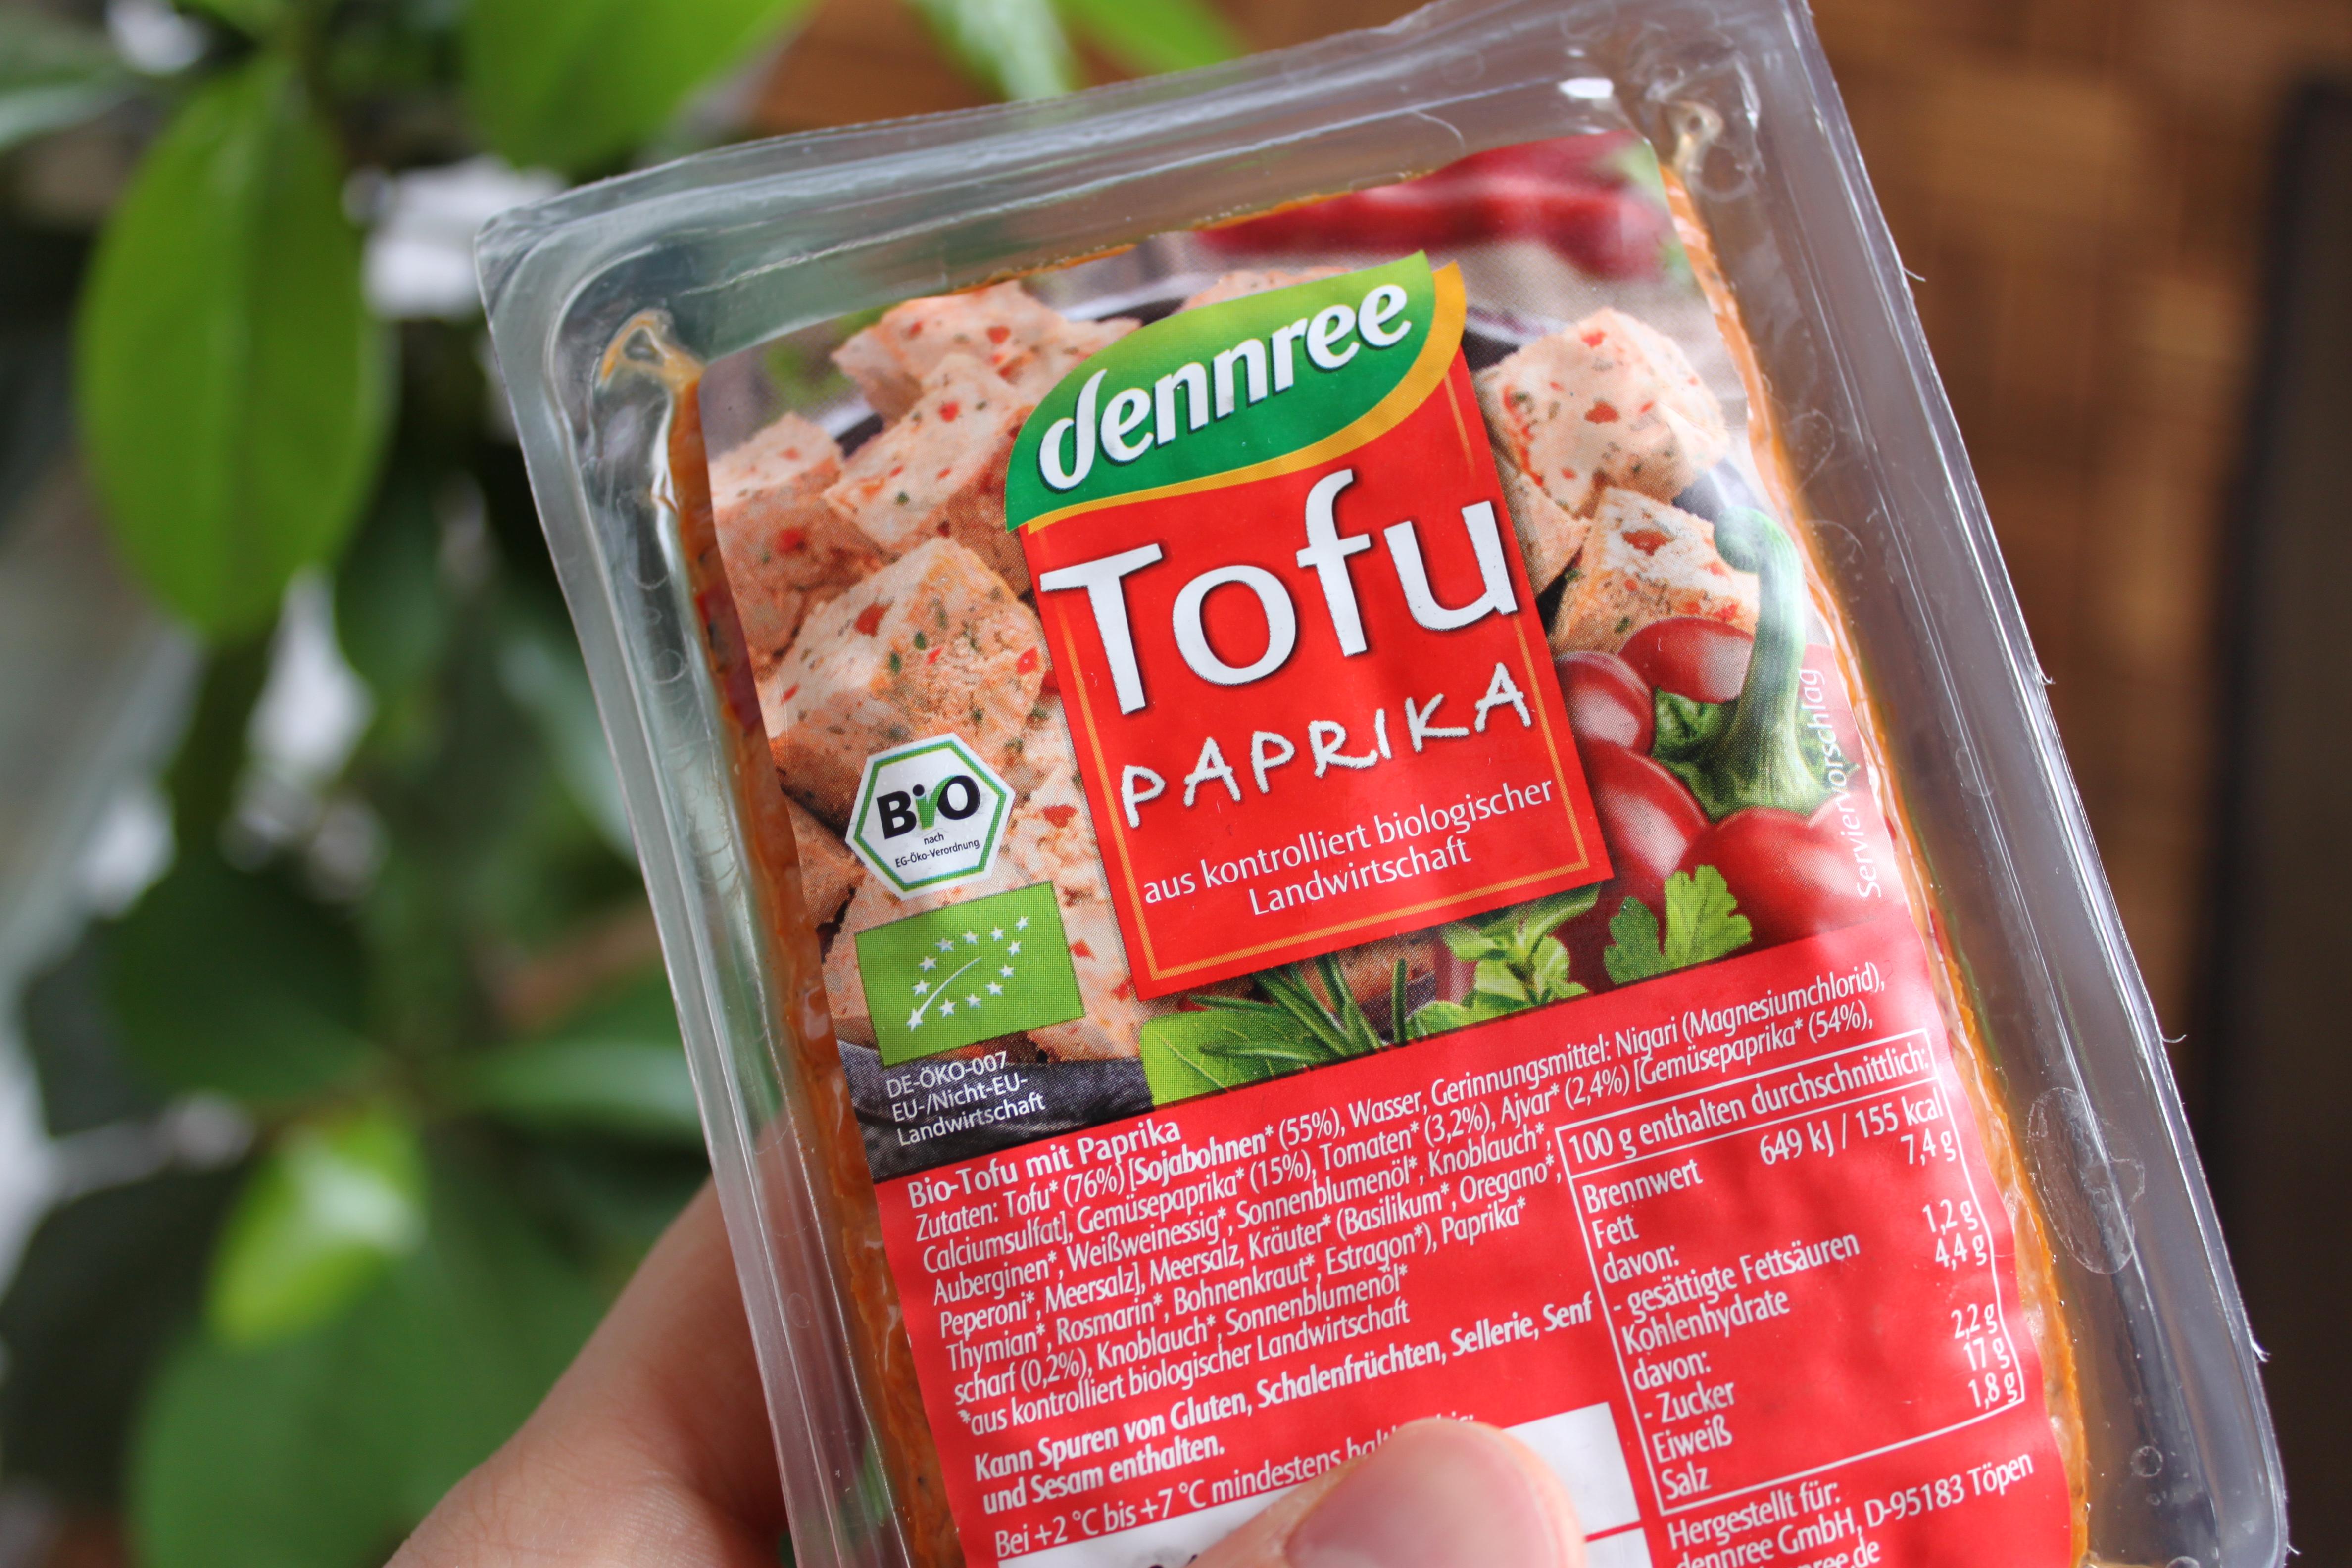 Paprika-Tofu